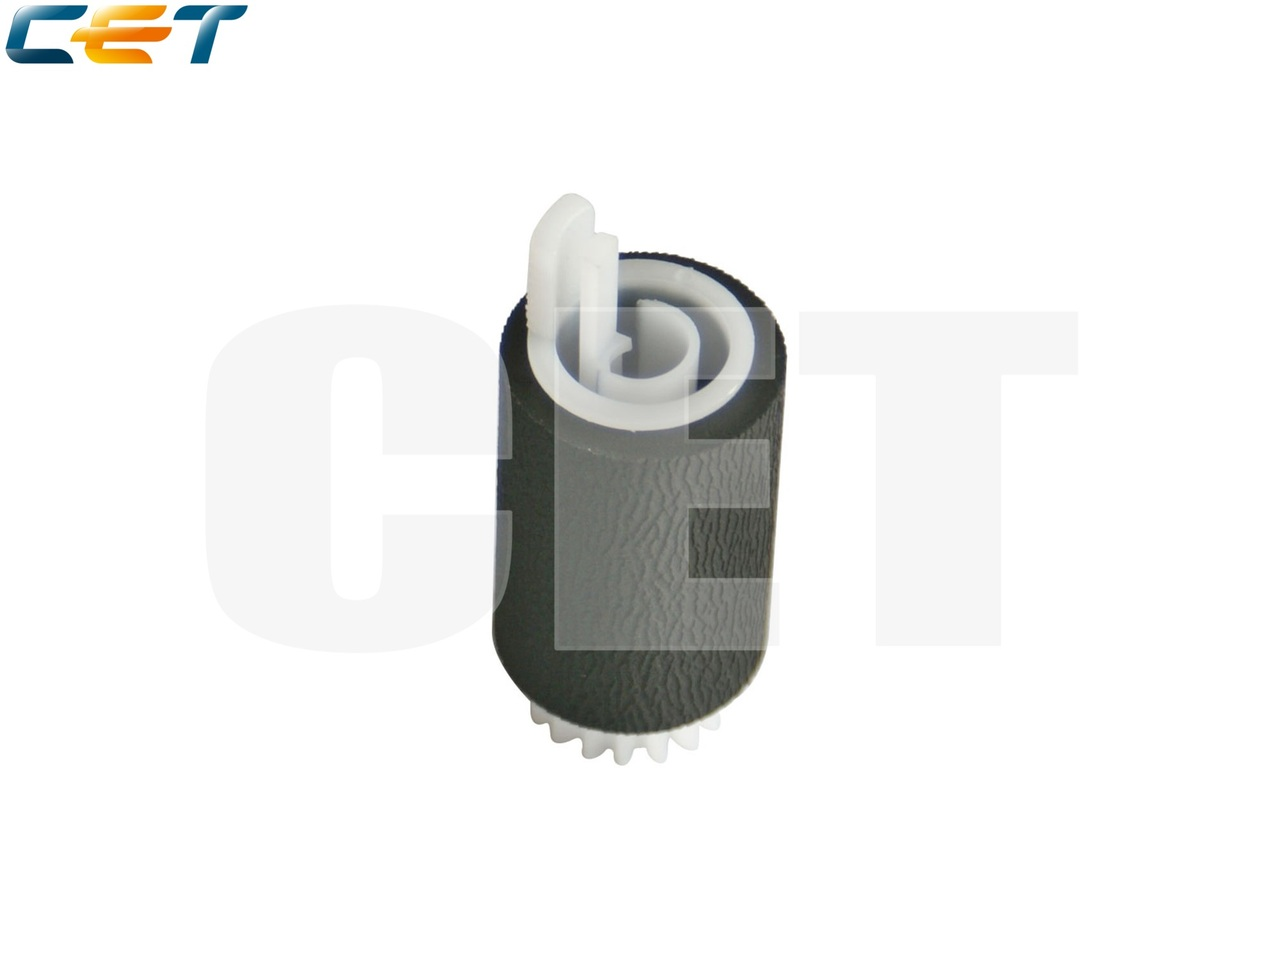 Ролик подхвата (Long Life) FF5-4552-020 для CANONiR2200/2800/3300/3320 (CET), CET5165